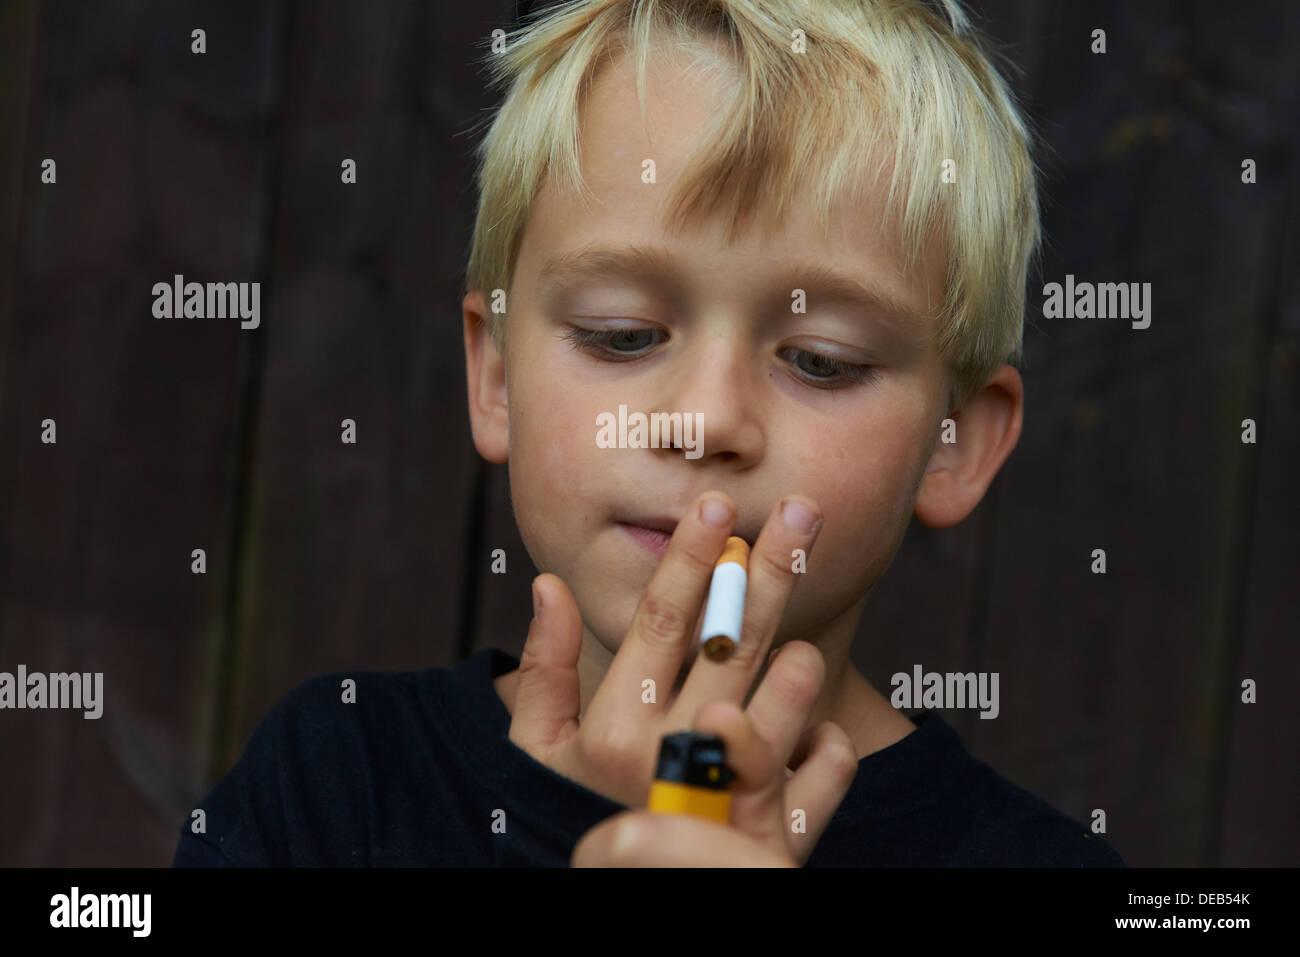 Child blond boy smoking cigarette wooden background alone